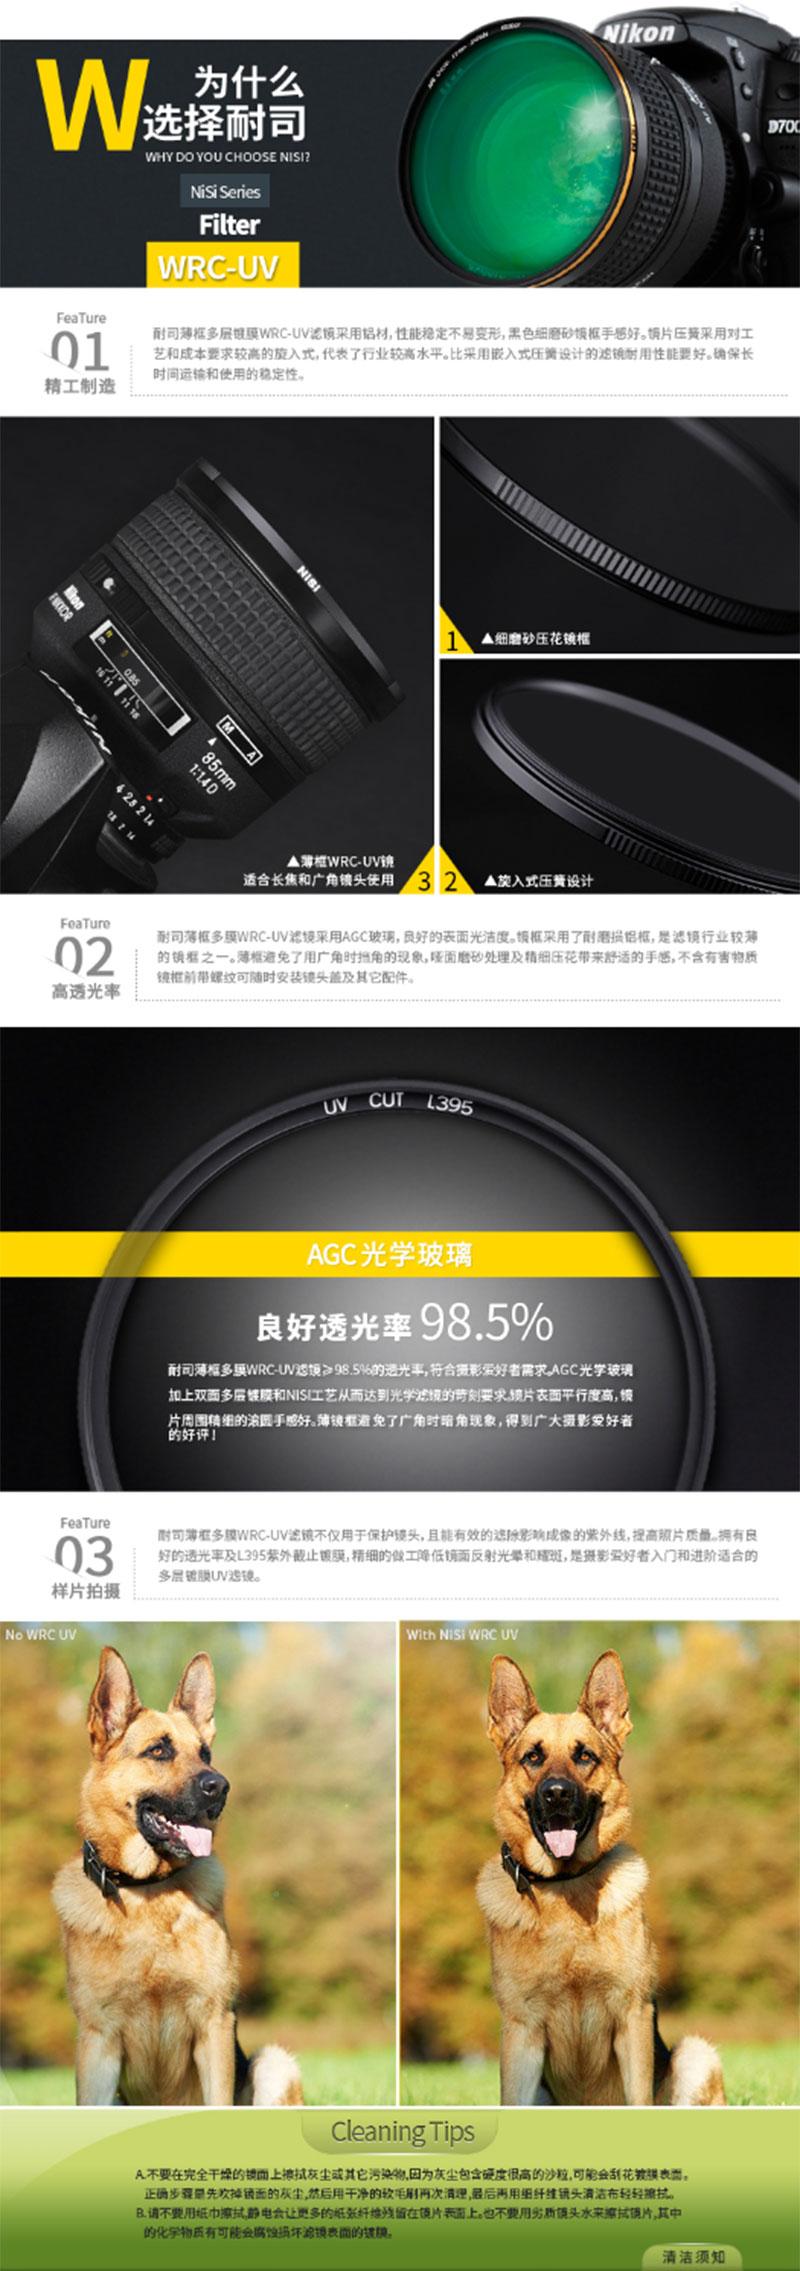 耐司(NiSi)WRC UV 77mm L395紫外截止 防水单反相机镜头 保护滤镜